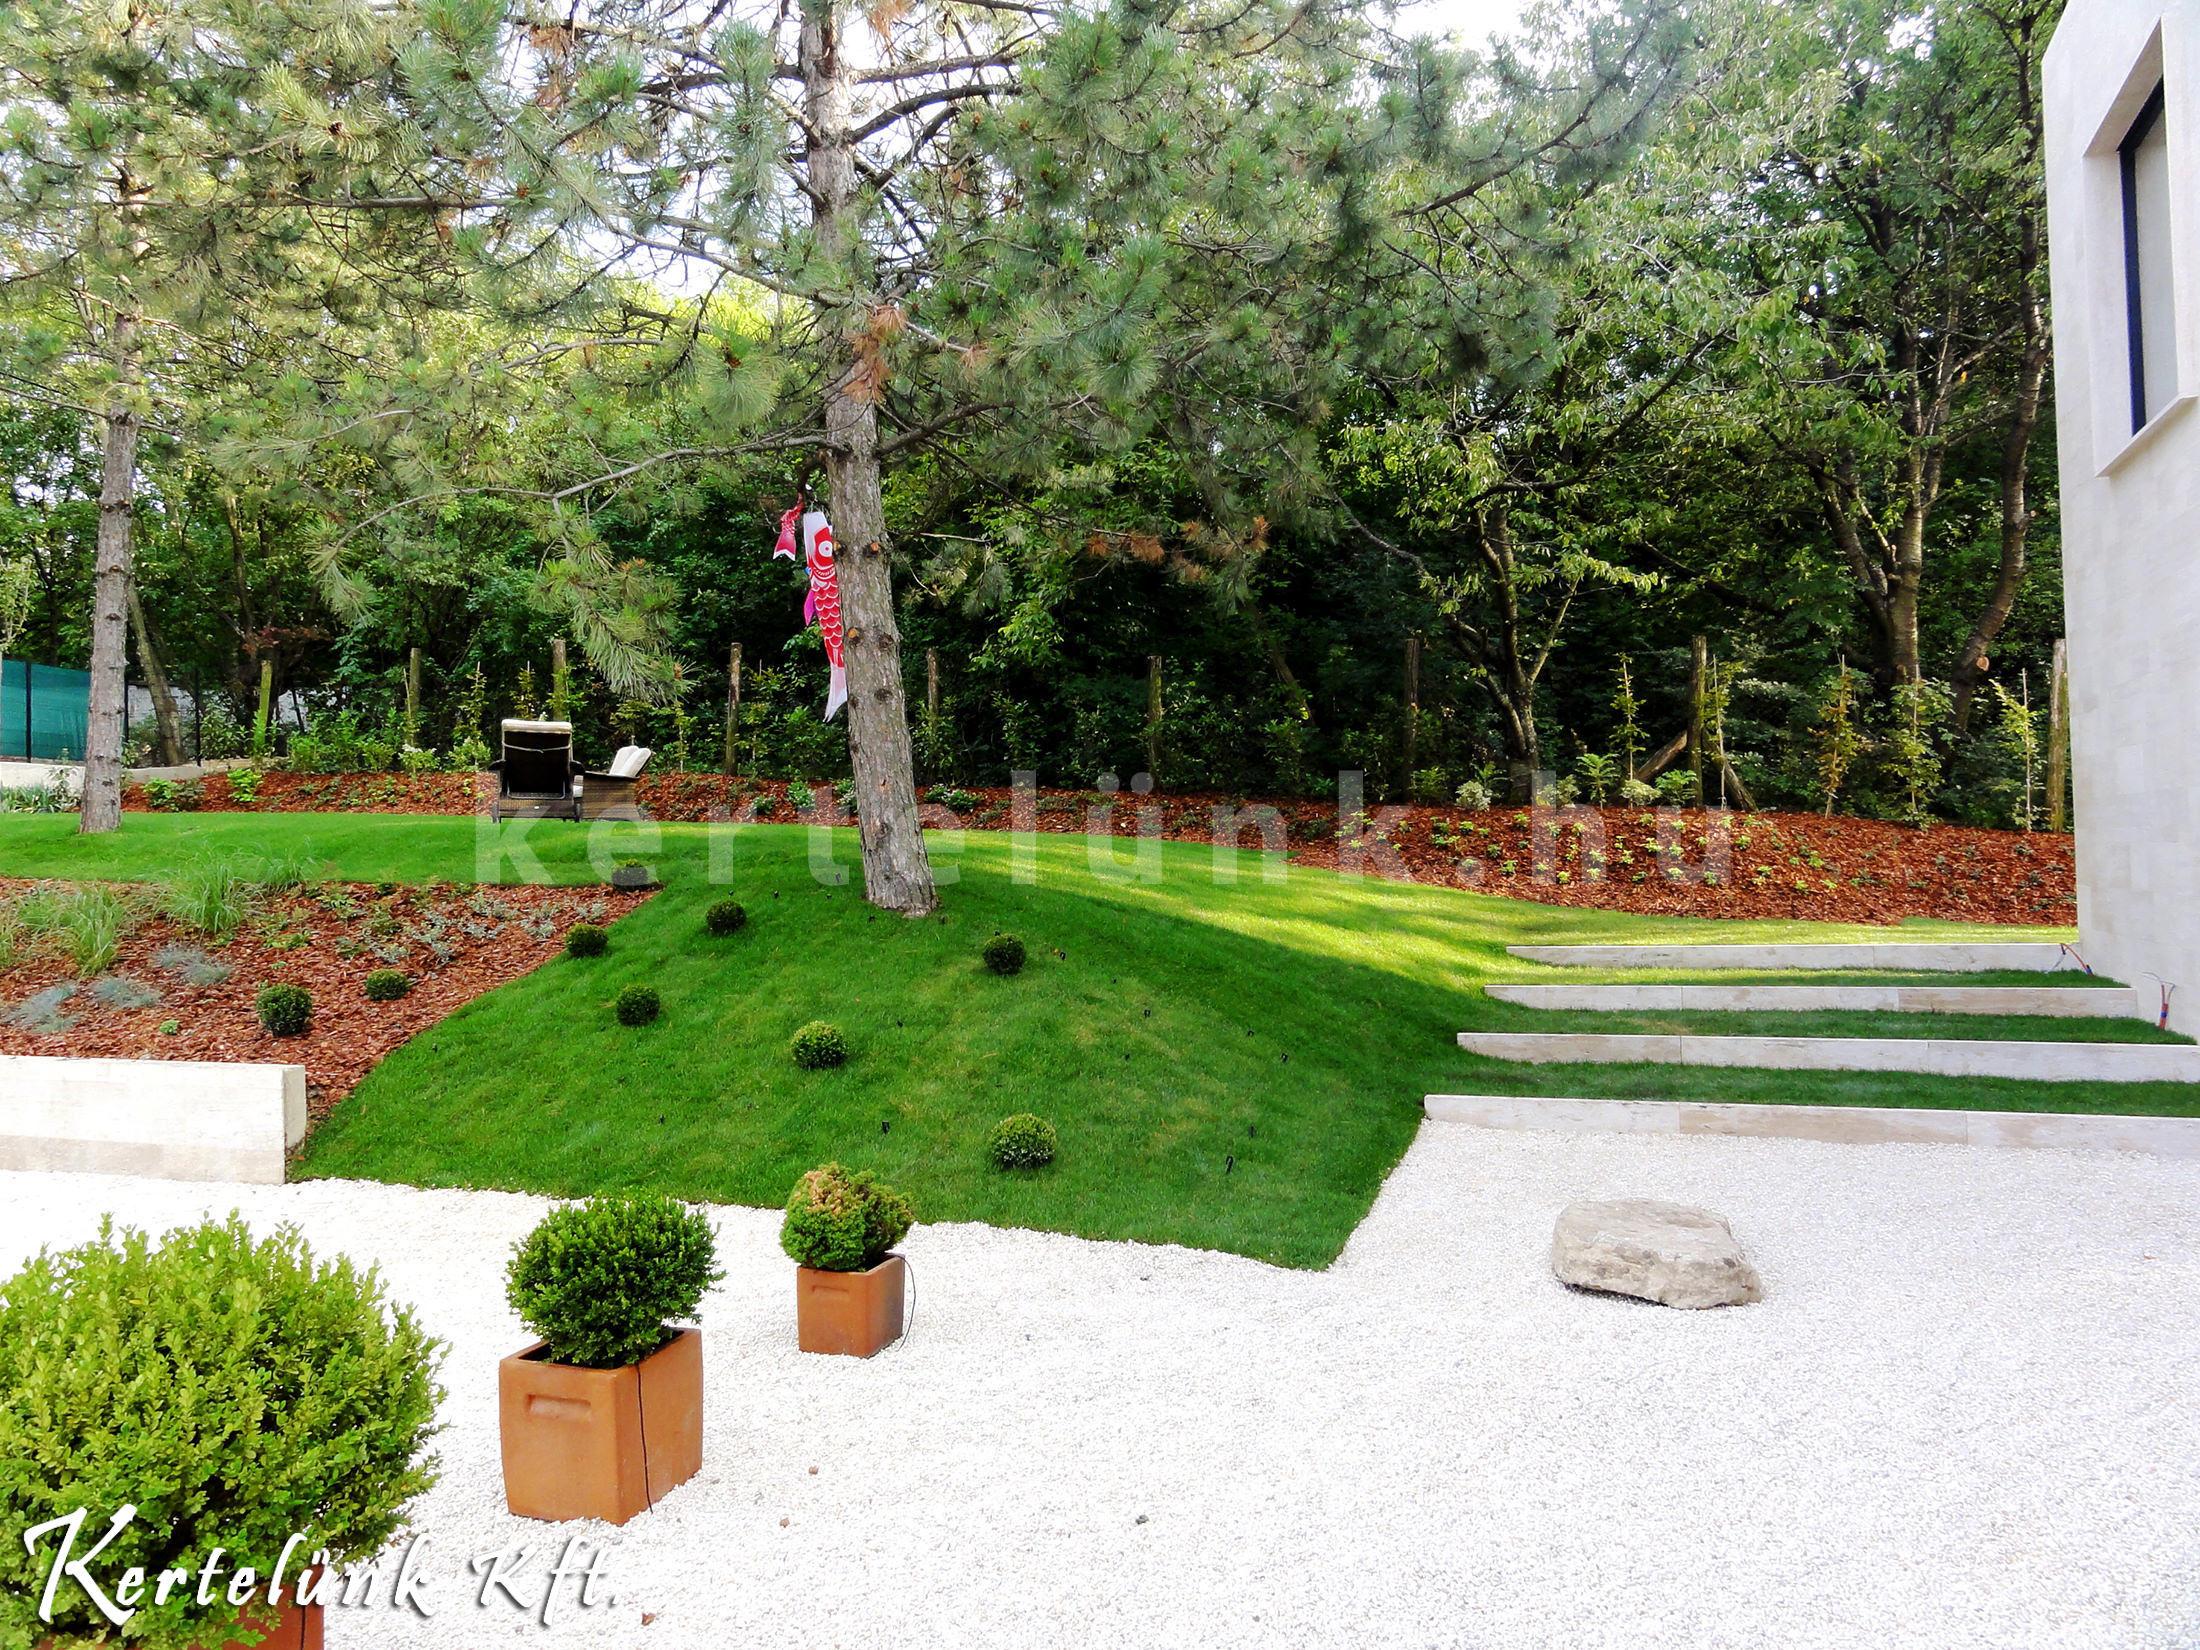 A modern kertépítésben sokszor felosztjuk a tereket különböző elválasztó növénytartóval.